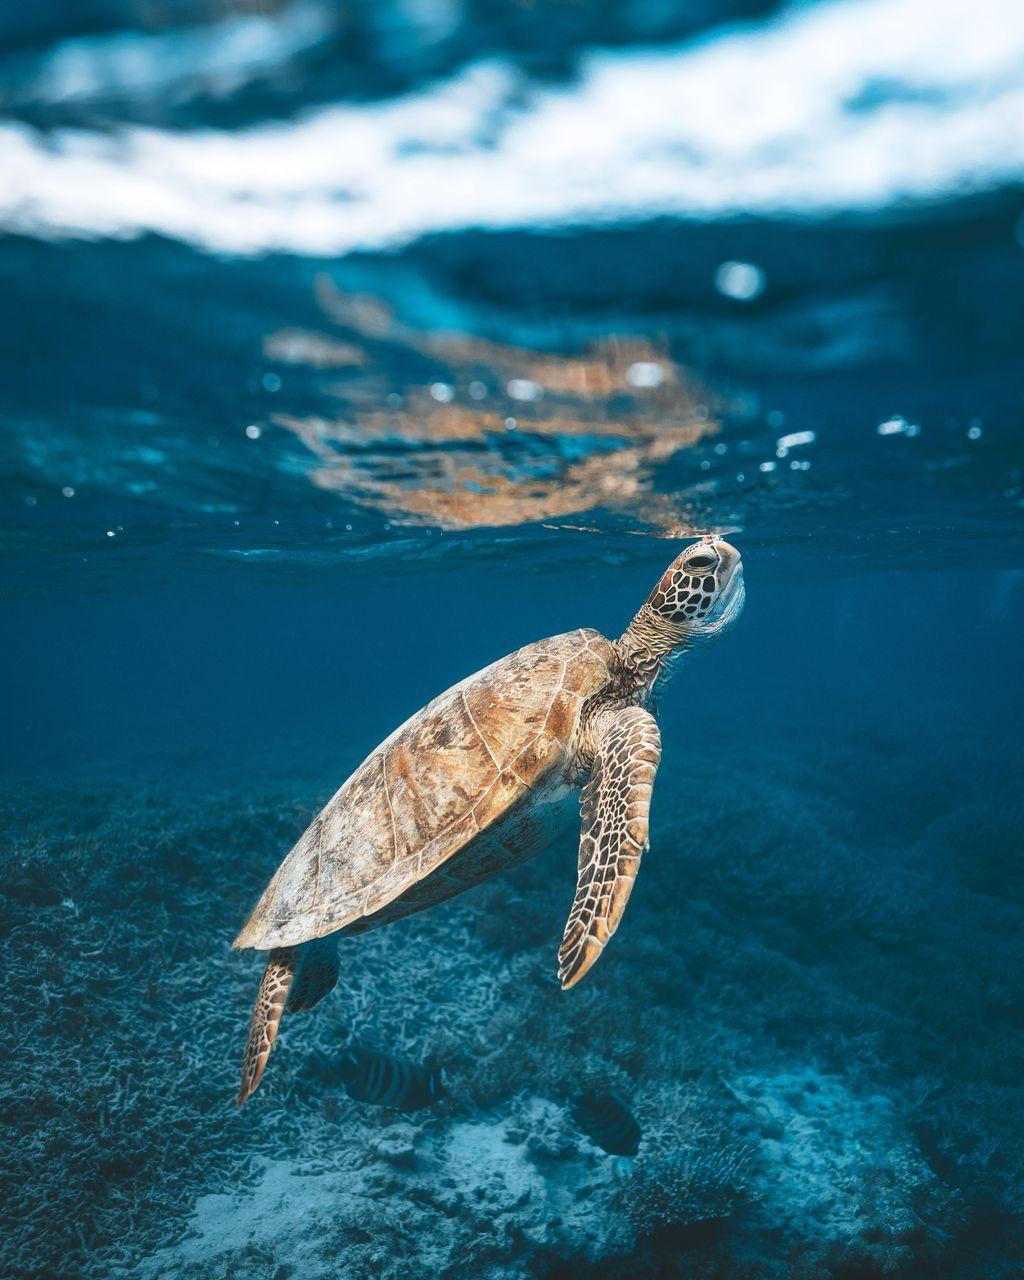 Một con rùa biển đang ngoi lên mặt nước để thở. Hình được chụp ở ngoài khơi bờ biển của đảo Heron, trong khu vực Rạn san hô Great Barrier. Ảnh: James Vodicka.